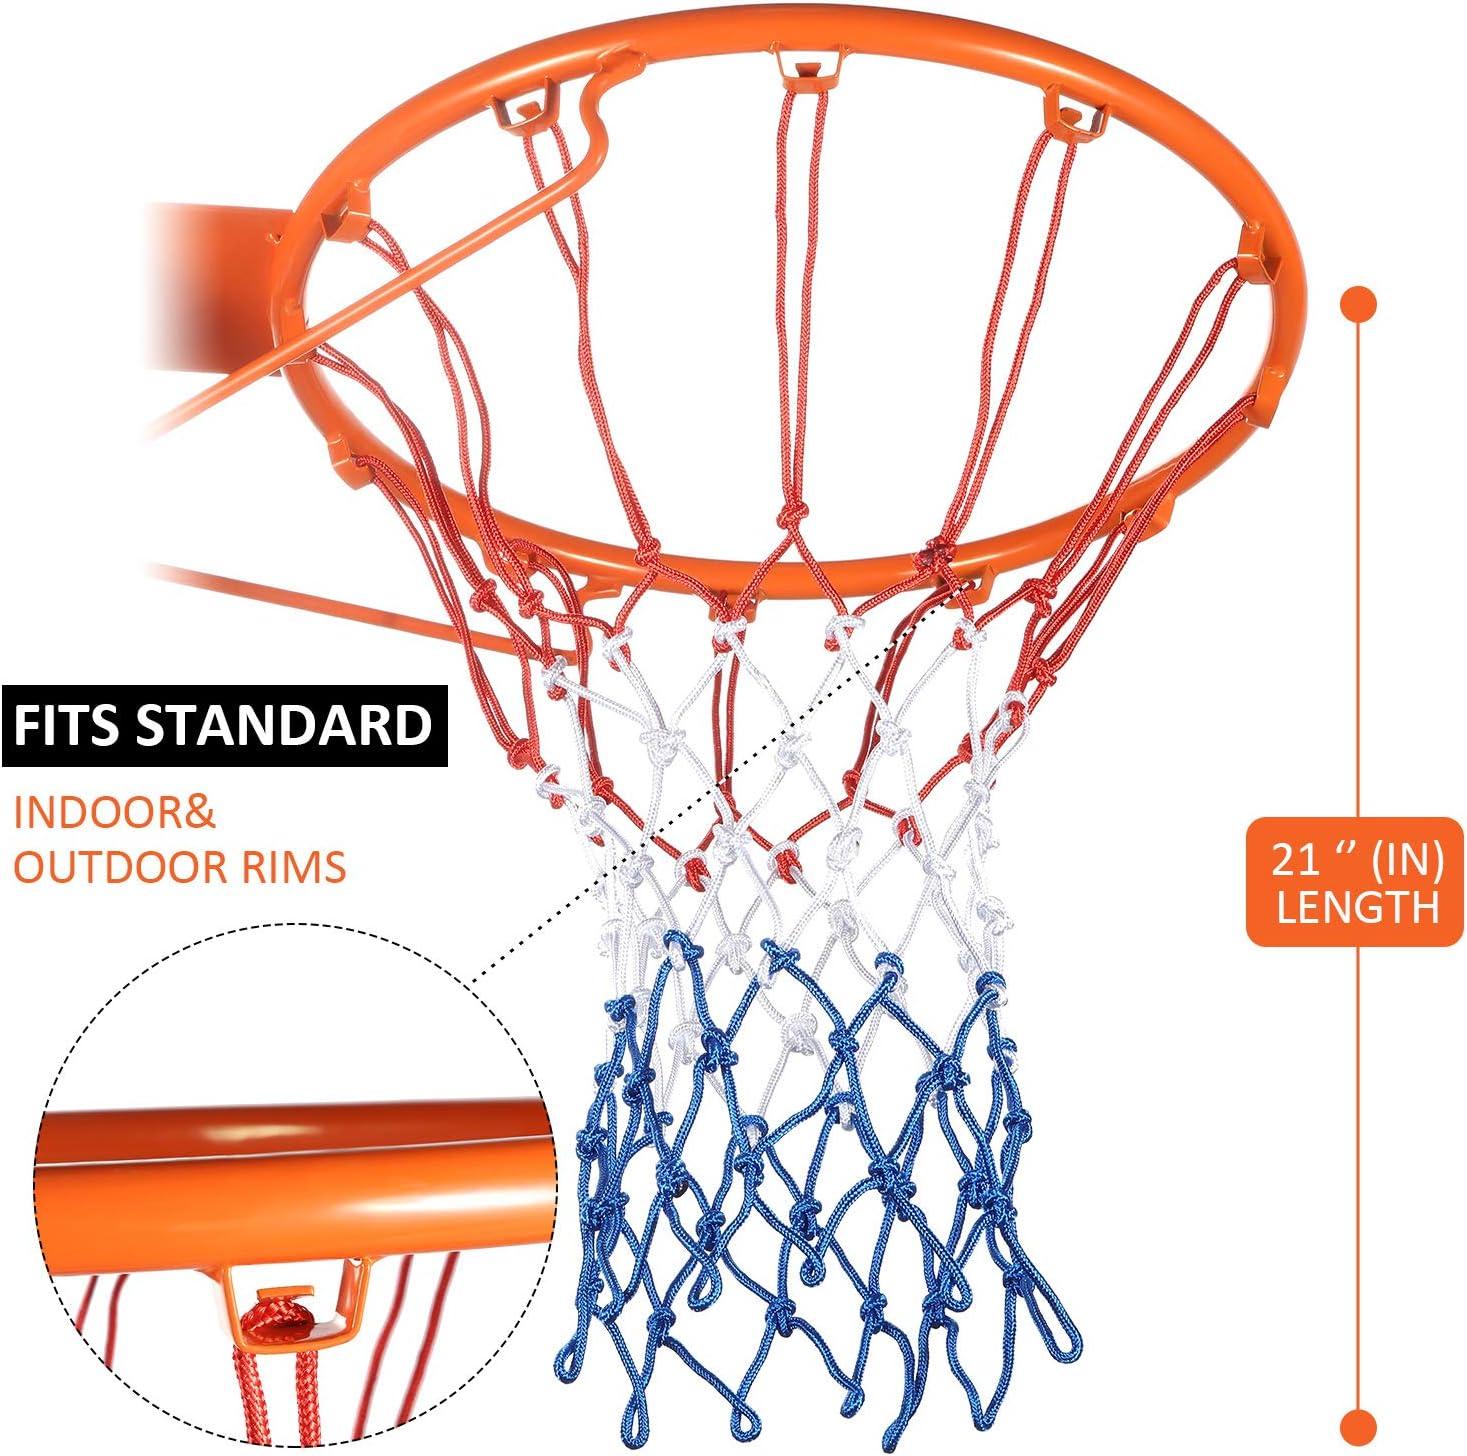 12 Boucles Syhood 2 Paquets Filet de Basket-Ball Remplacement de Filet de Cerceaux pour Presque Tous Les Temps Convenant au Cerceau de Basket-Ball Standard Int/érieur ou Ext/érieur